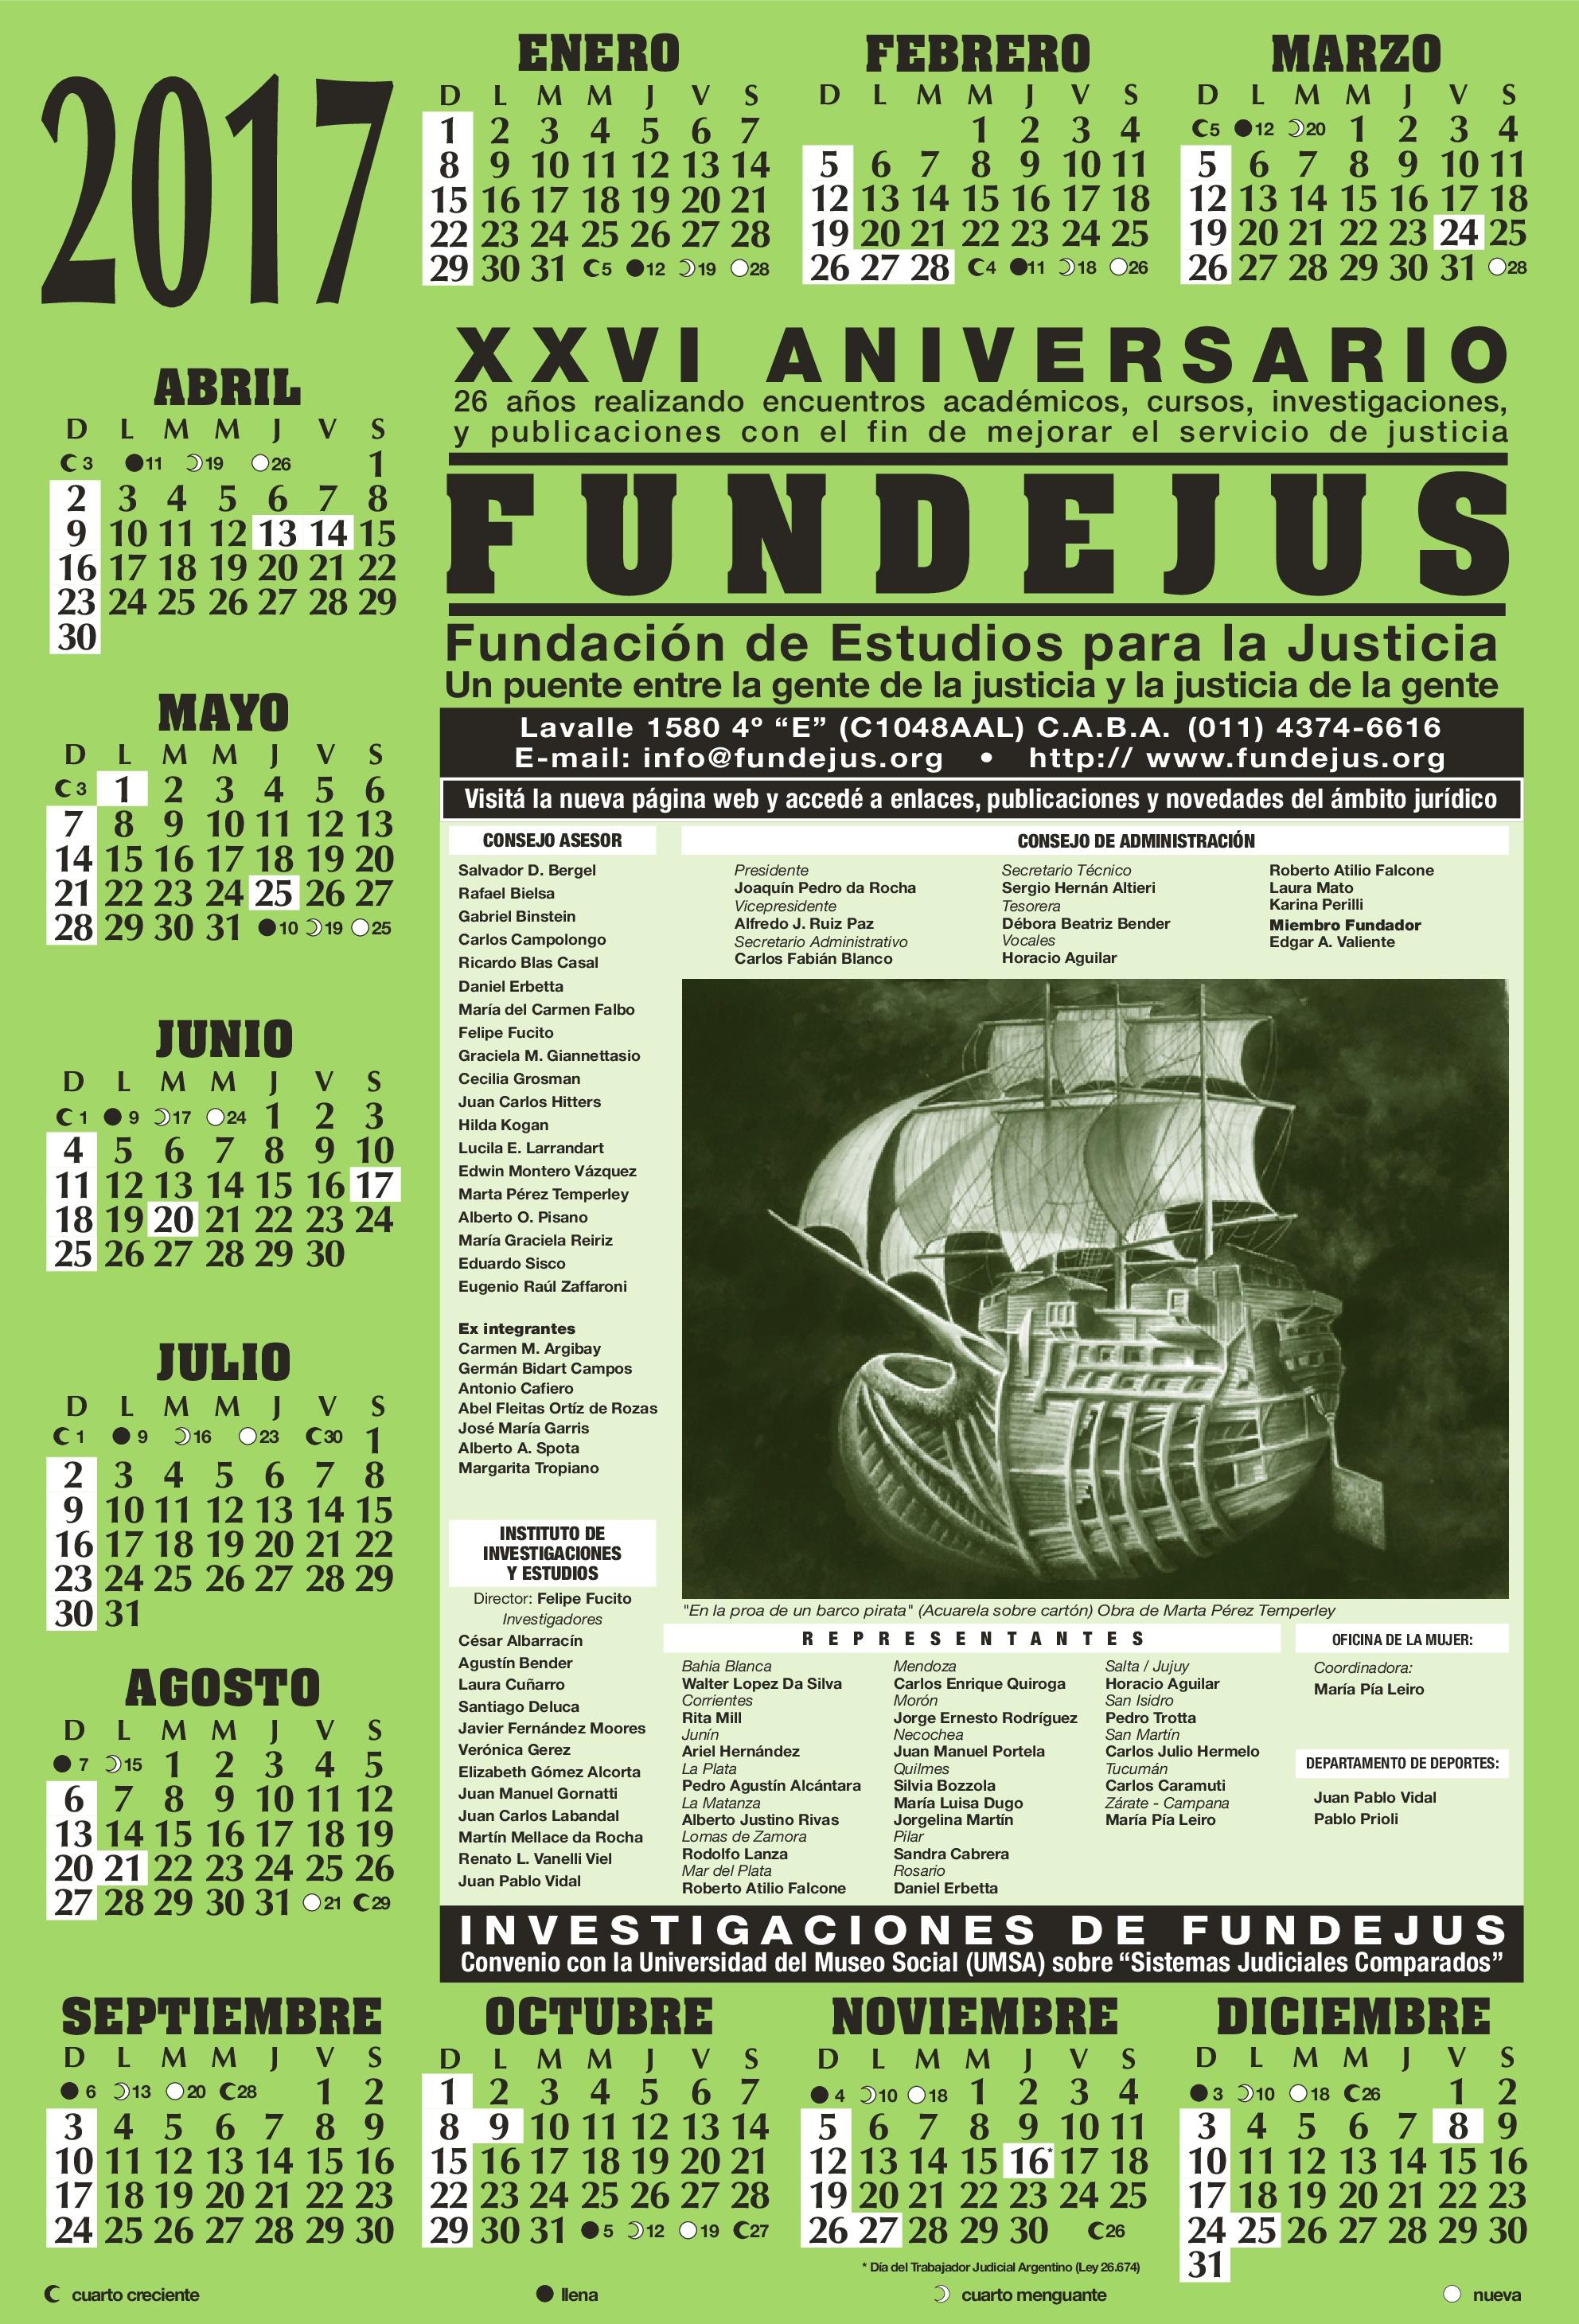 almanaque 2017 fundejus